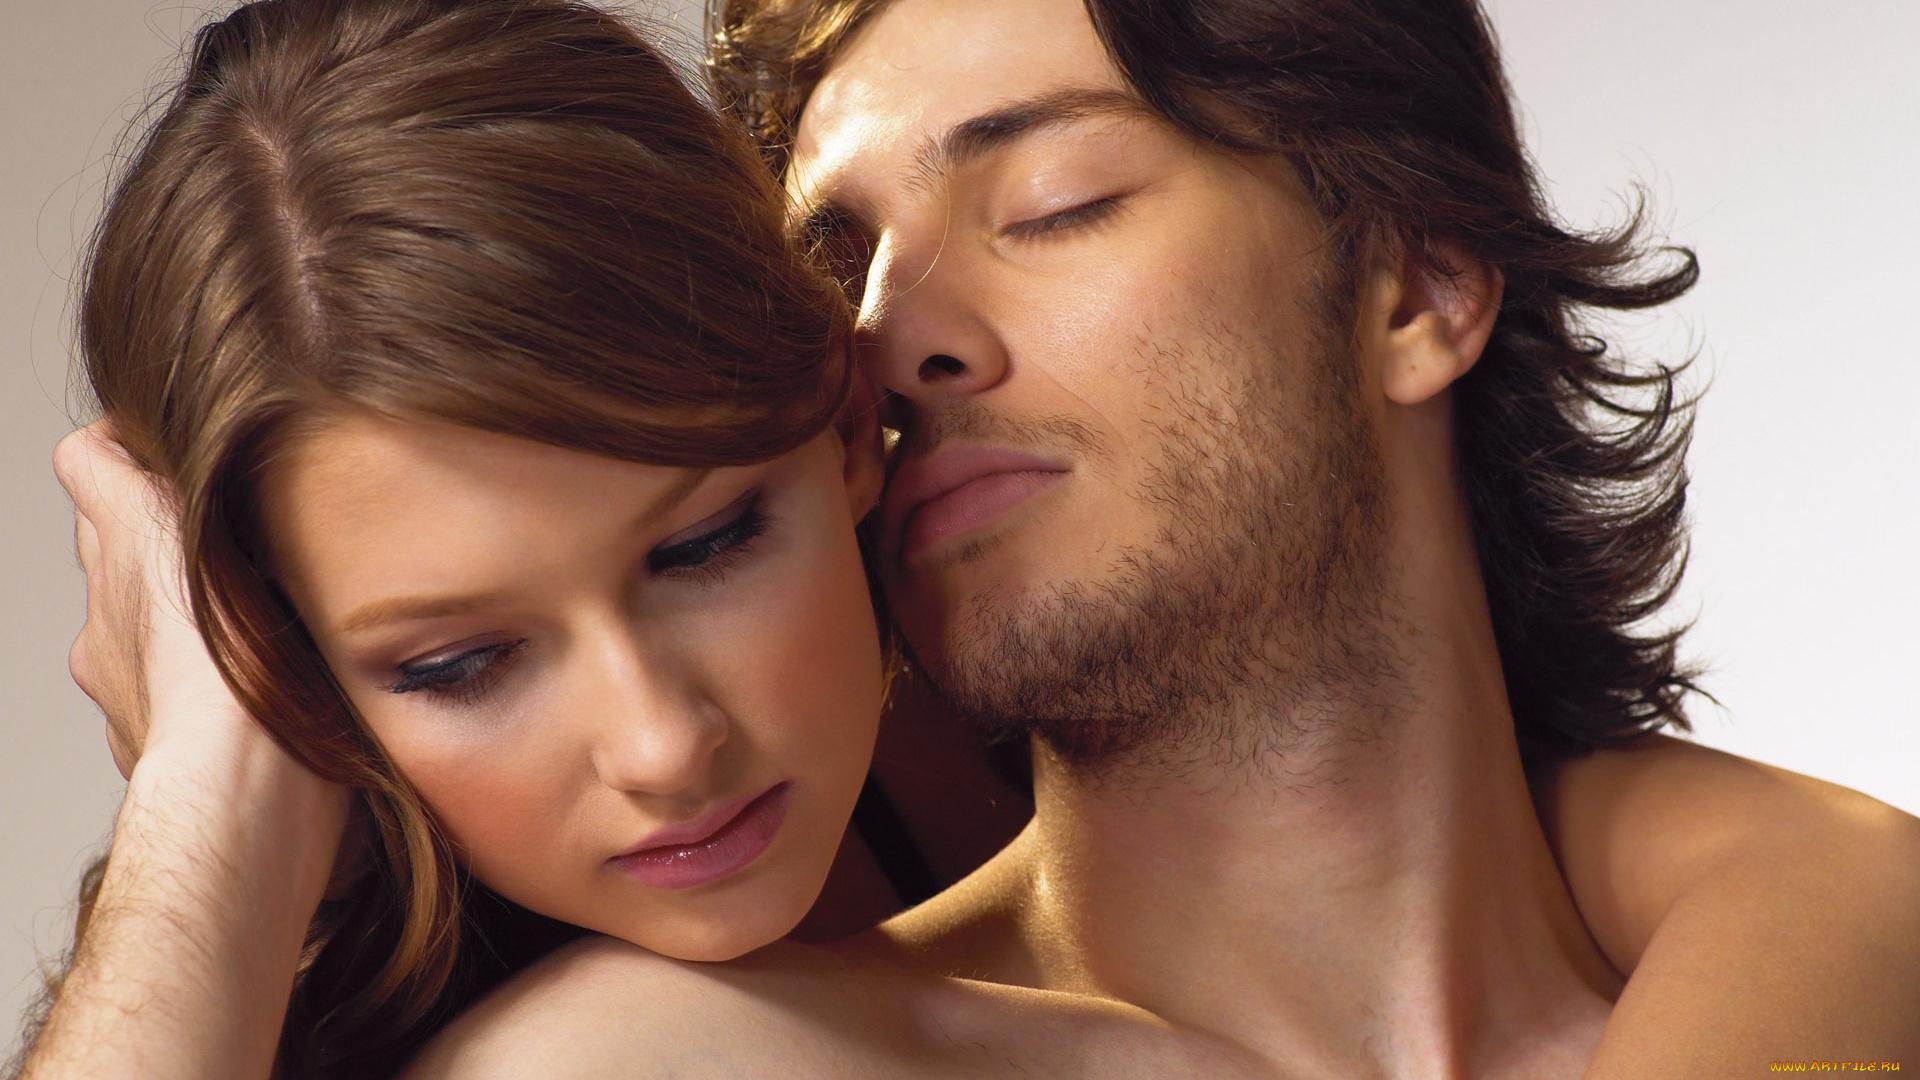 Как наличие мужчины влияет на женскую красоту?